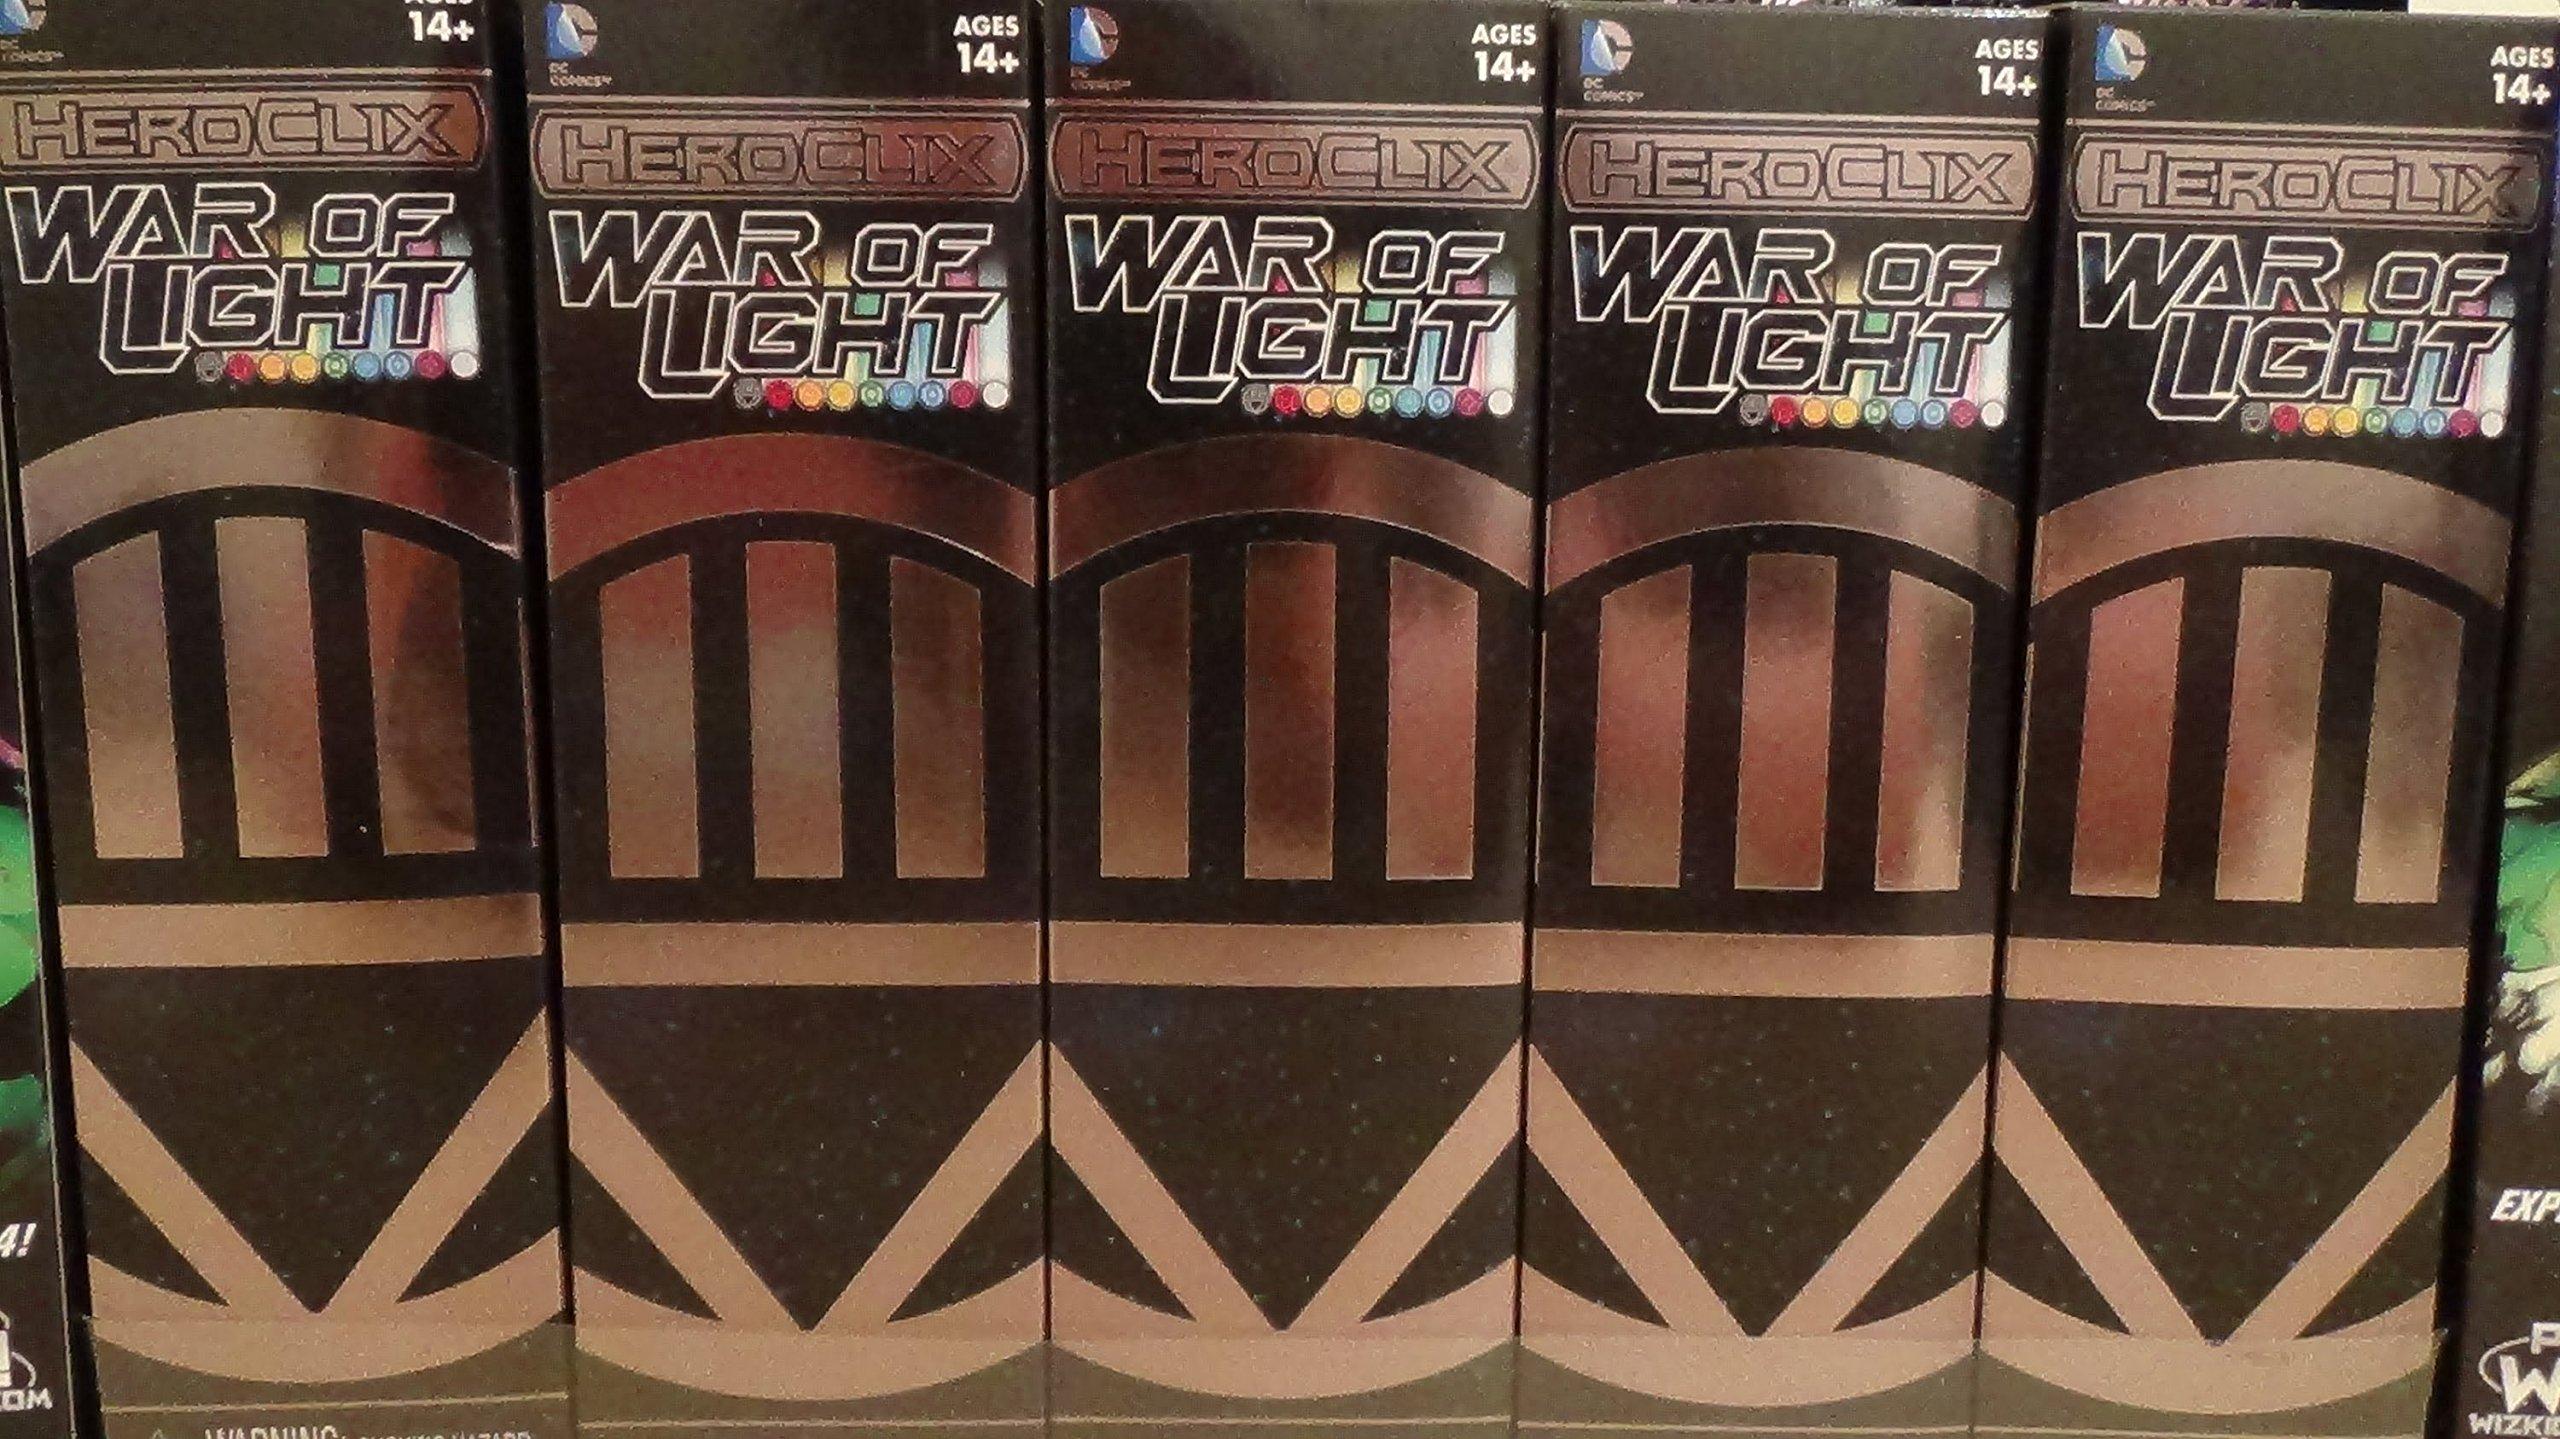 Heroclix War of Light Booster Brick